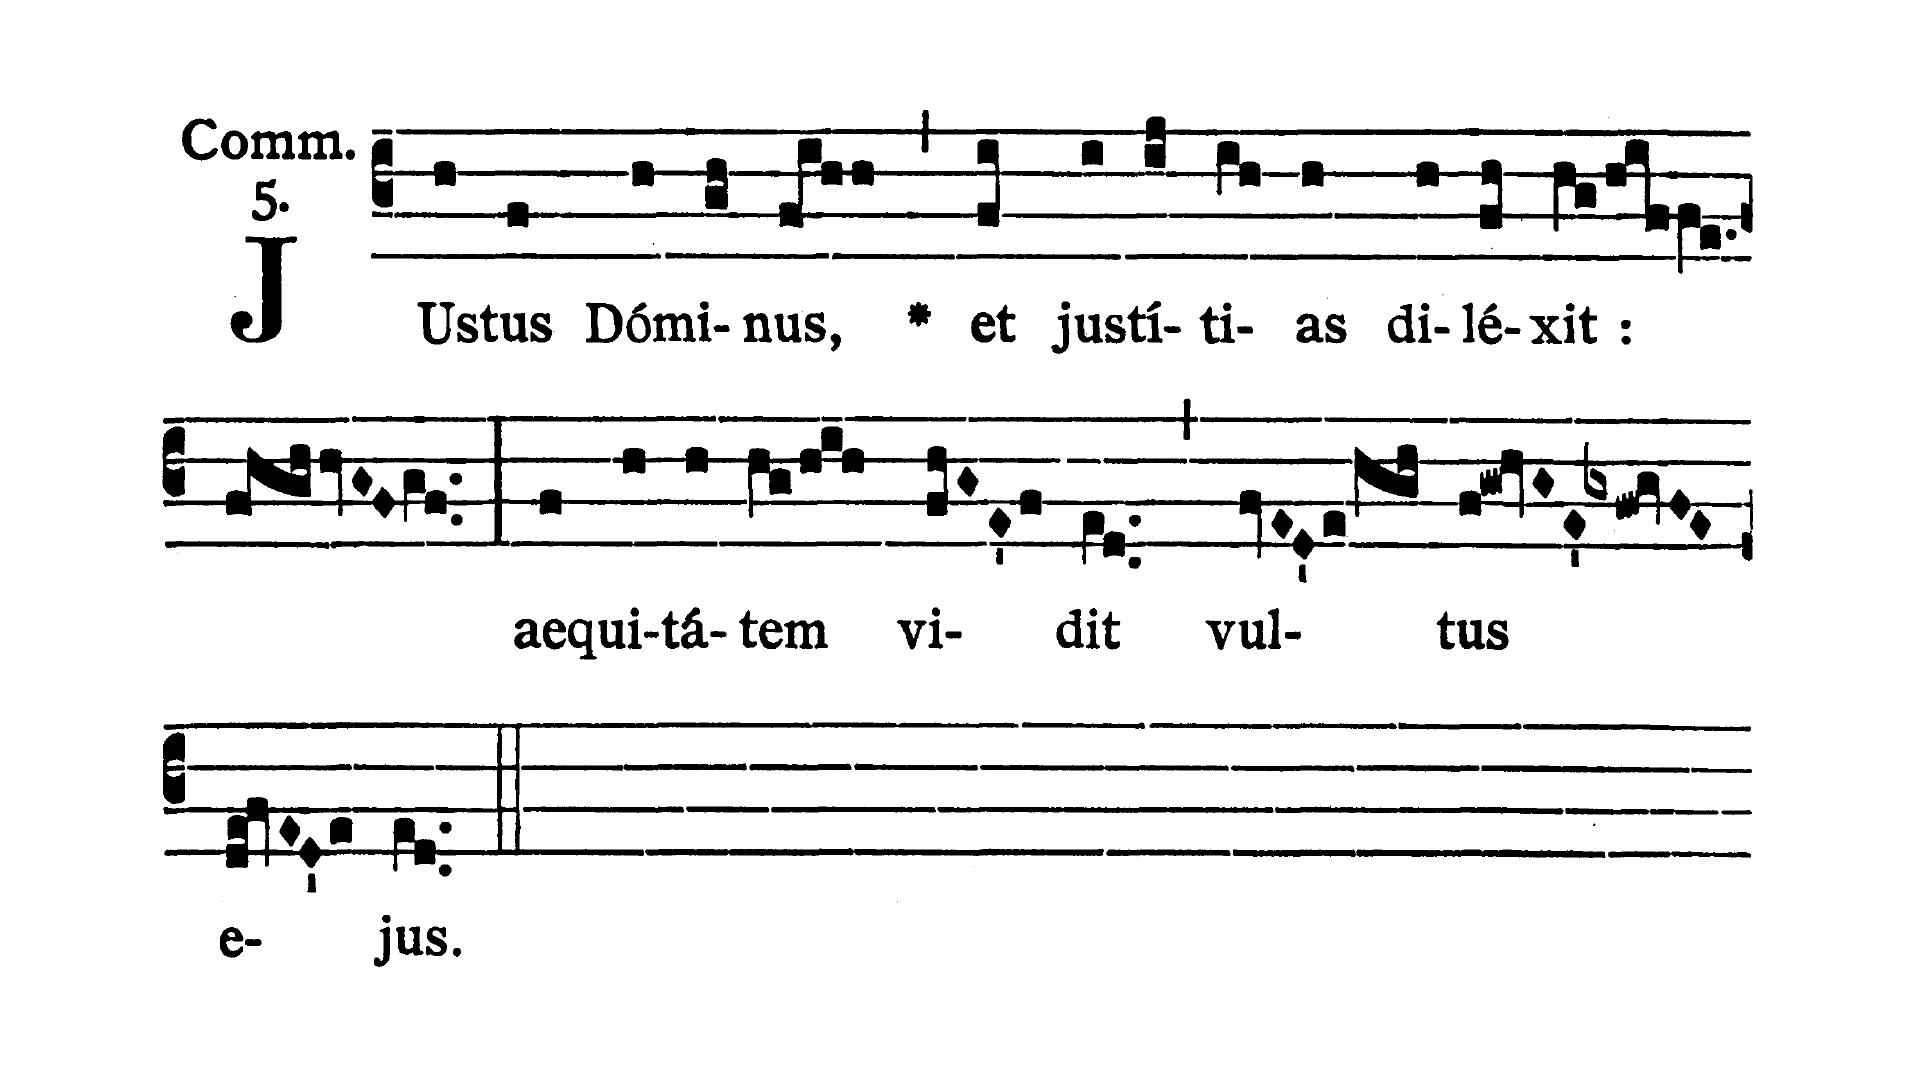 Feria IV post Dominicam II Quadragesimae (Środa po II Niedzieli Wielkiego Postu) - Communio (Iustus Dominus)